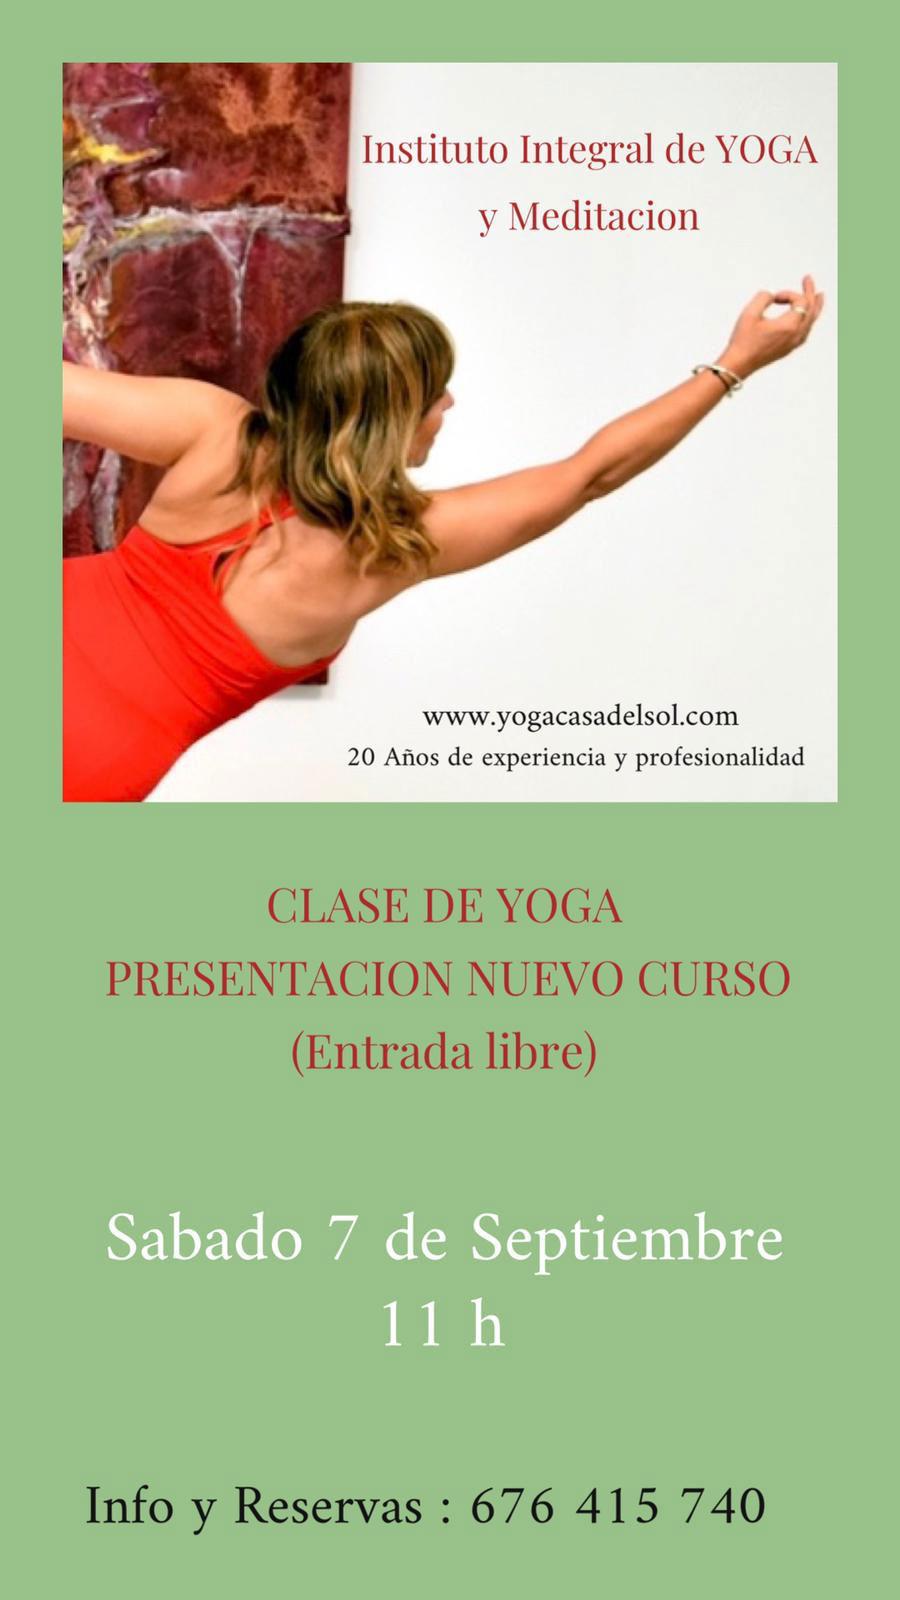 Yoga Casa del Sol, presentacion nuevo curso